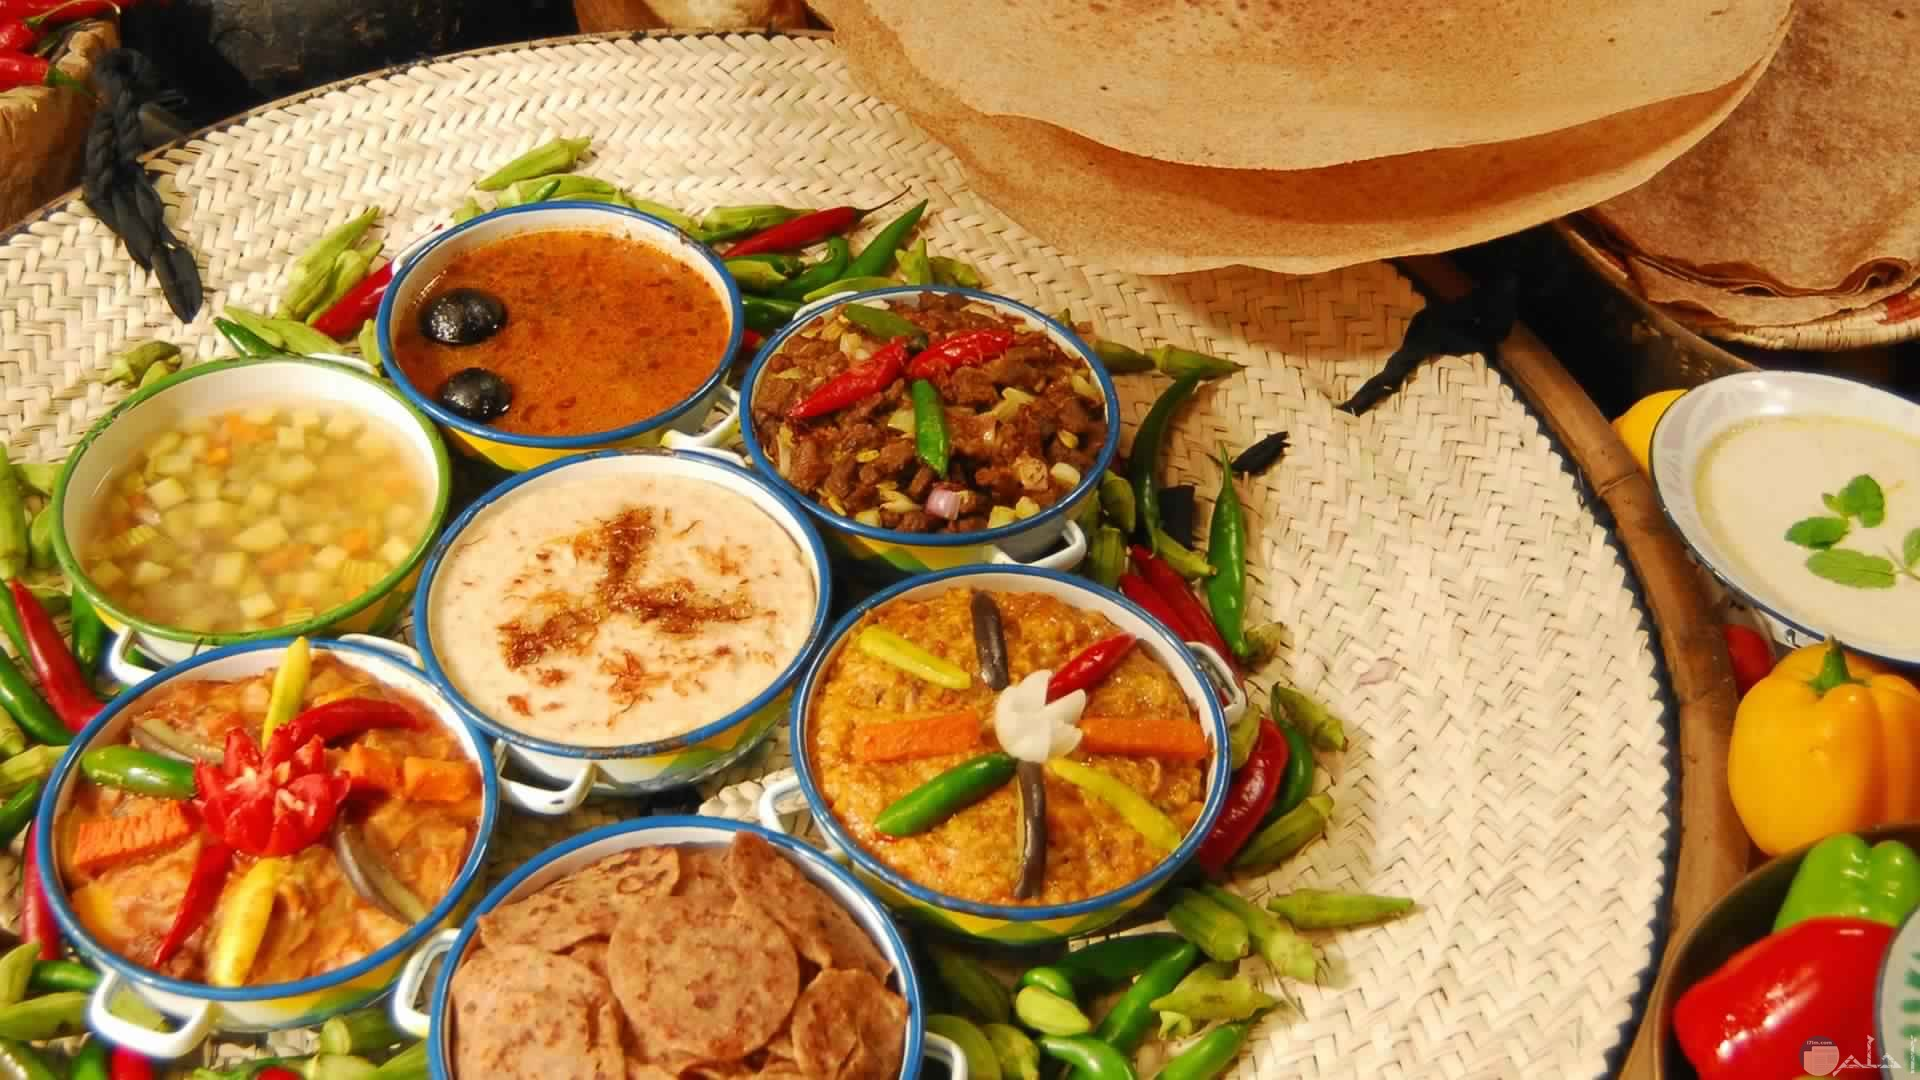 صور اكلات شعبية